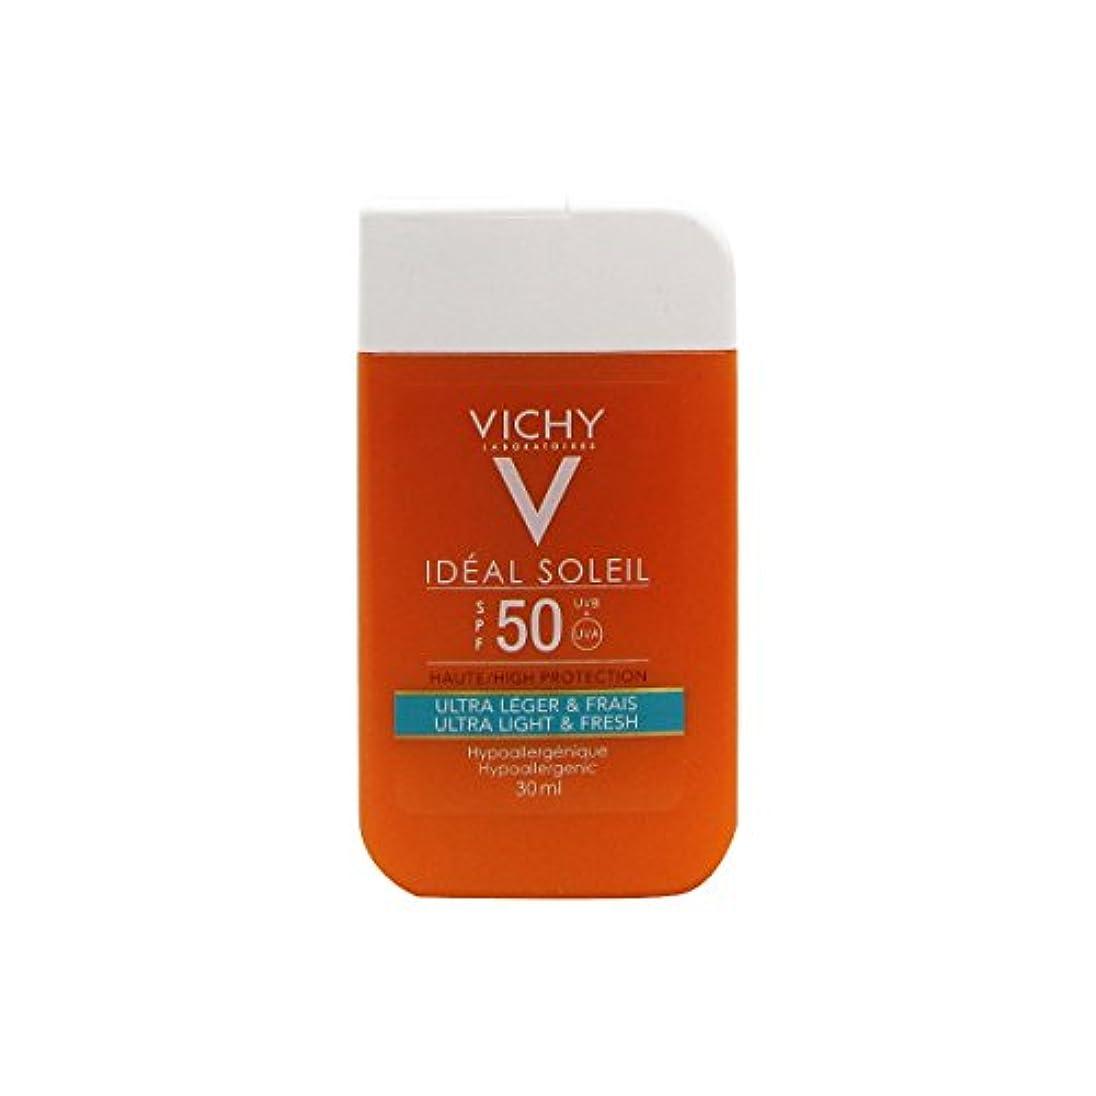 航空便幅罪人Vichy Ideal Soleil Mini Pocket Size Ultra Fresh And Light Spf50 30ml [並行輸入品]